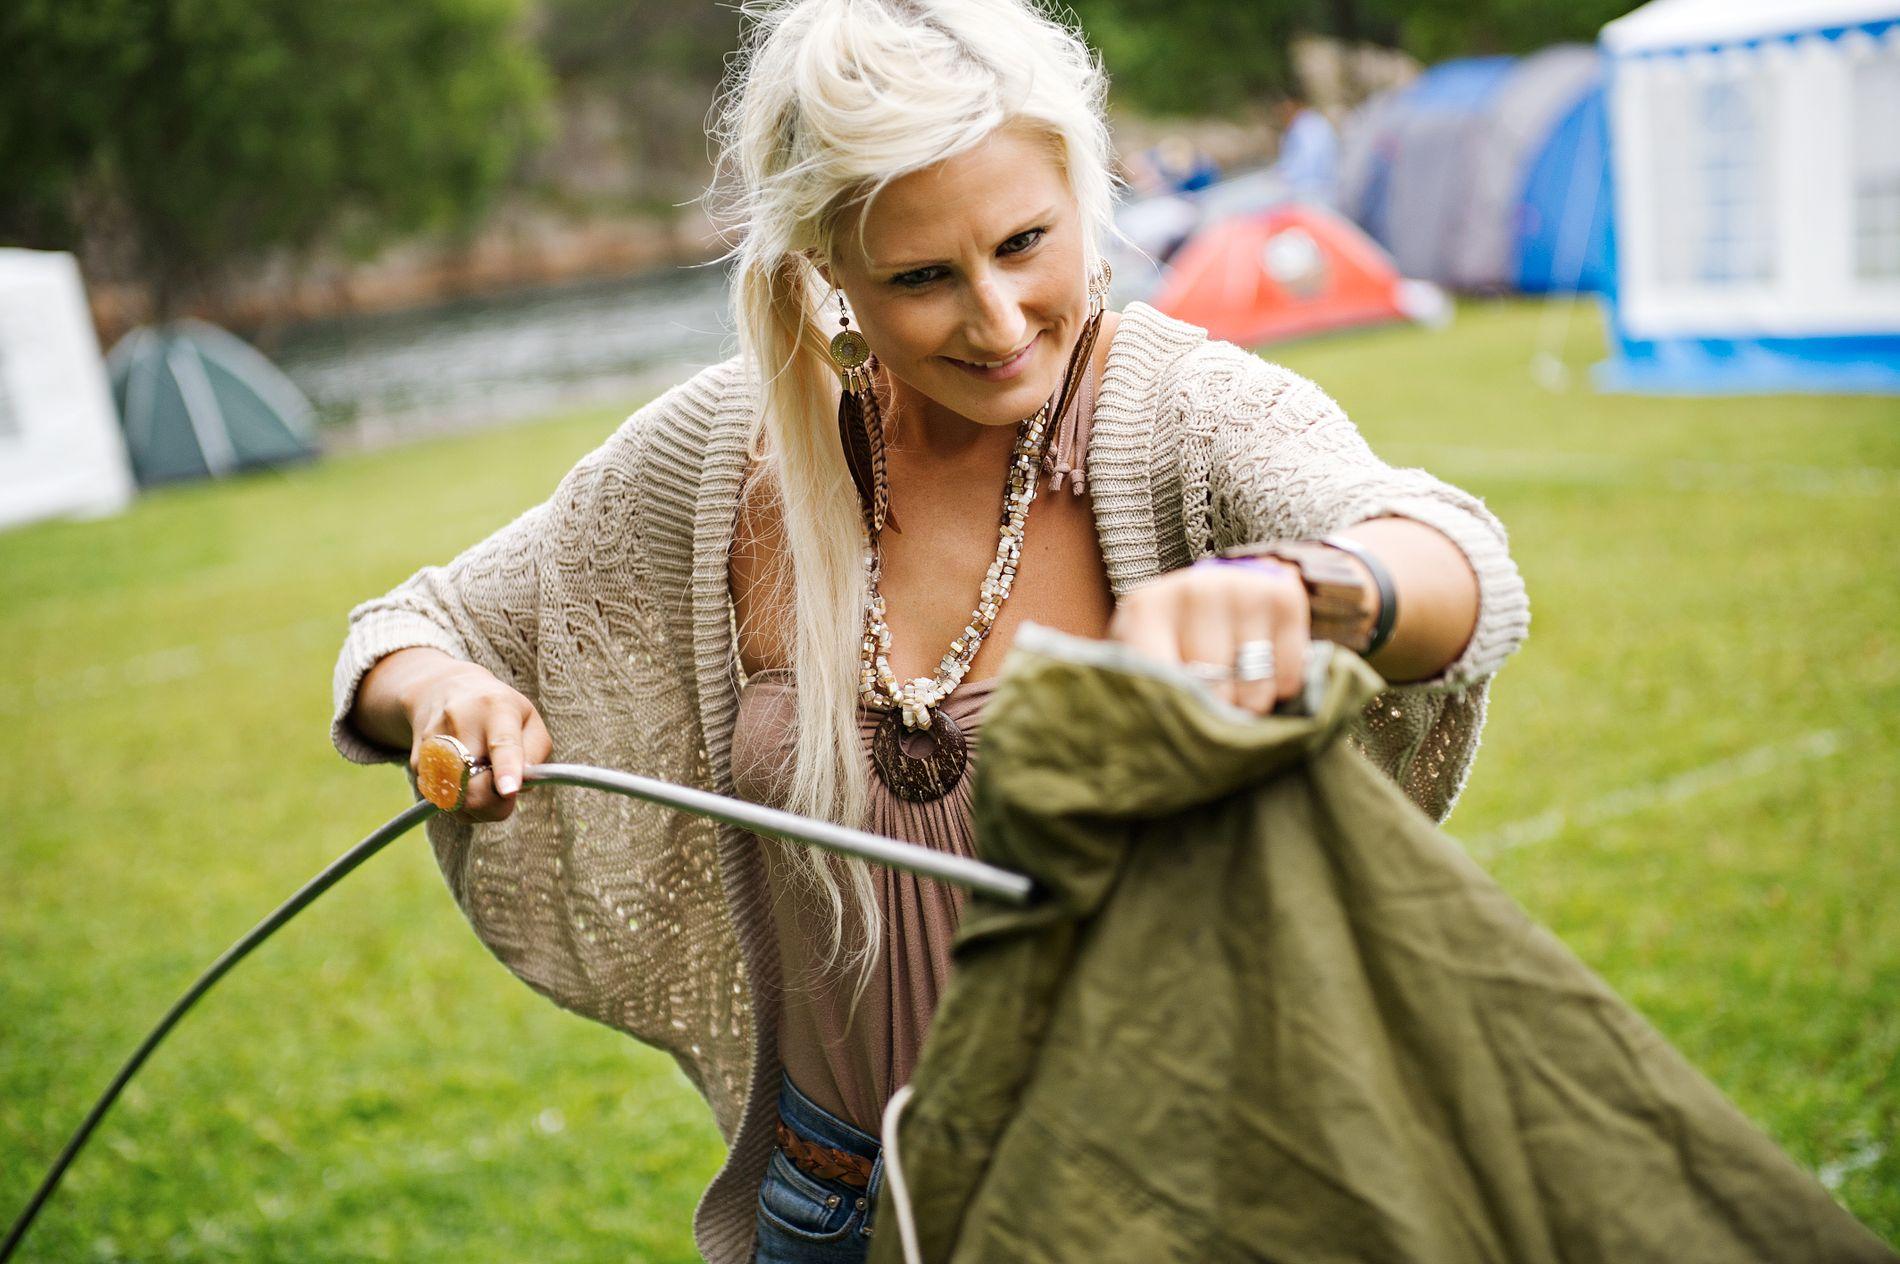 KOFFERT-TELT: Iselin Hjetland (24) tryller frem to telt, sovepose og liggeunderlag fra det som så ut som en upraktisk trillekoffert. – Teltet har sett noen festivaler før, sier hun. ALLE FOTO: SEAN MELING MURRAY